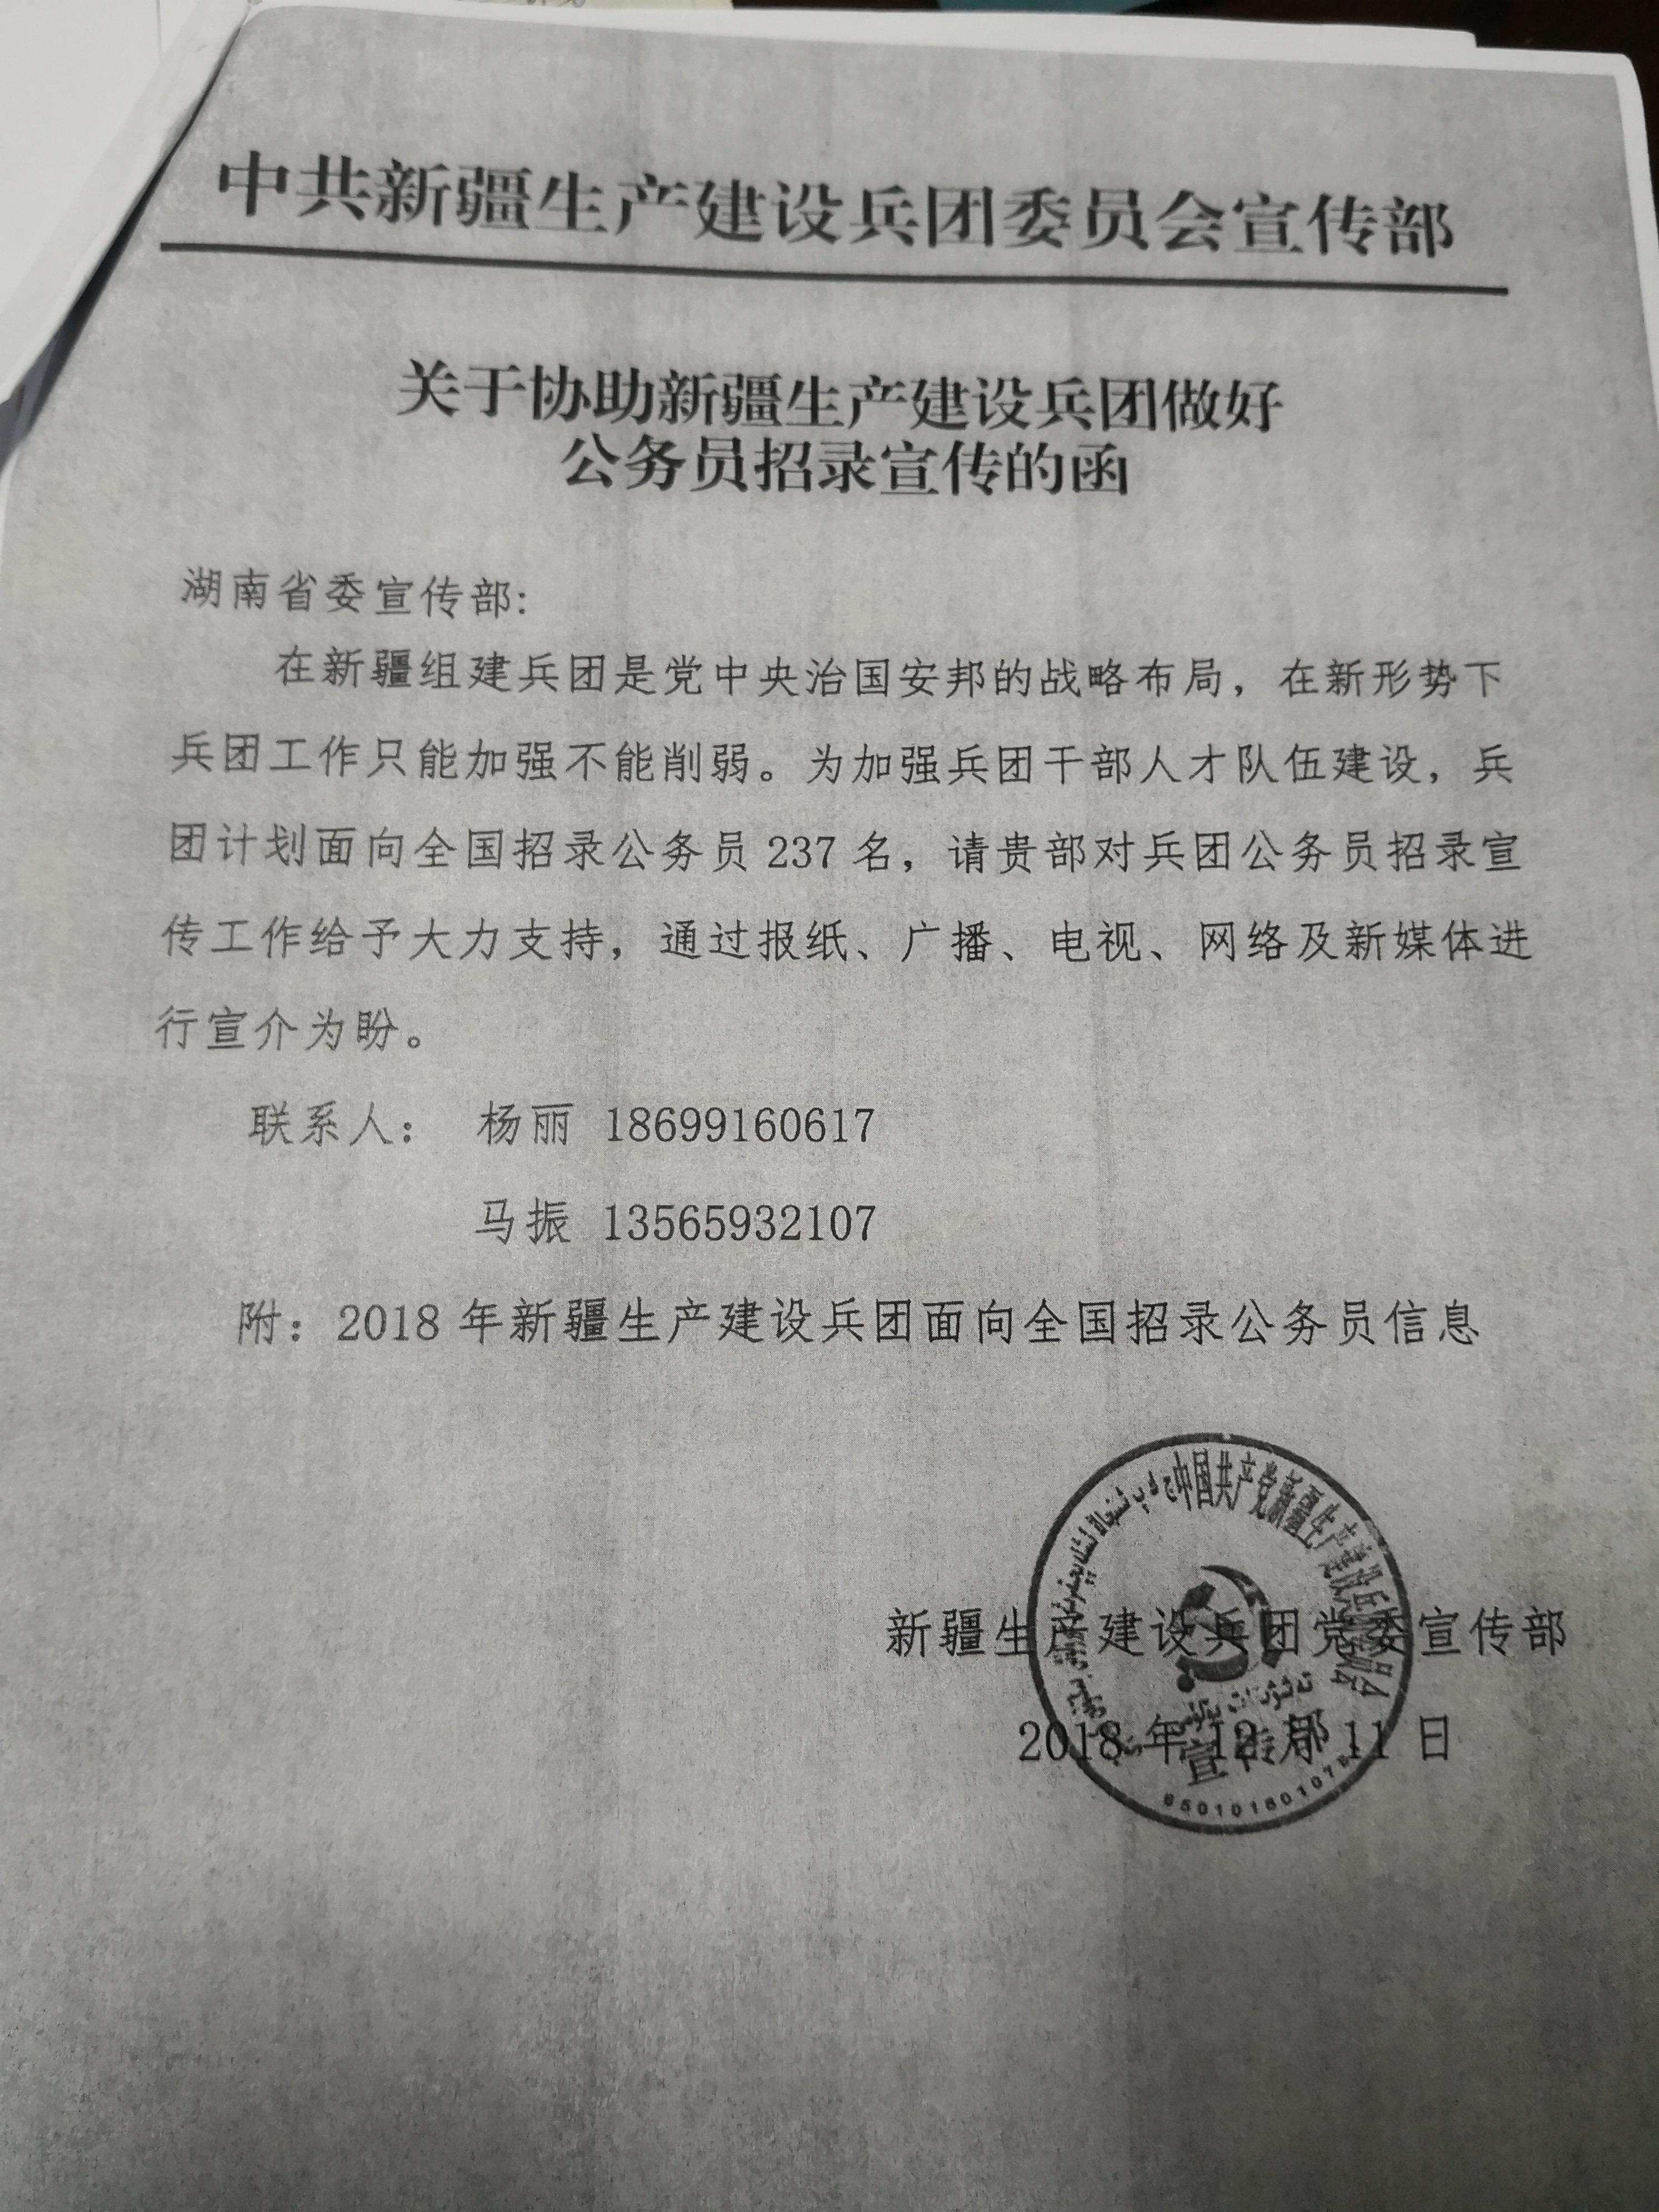 2018年新疆生产建设兵团面向部分内地省(区、市)招录公务员